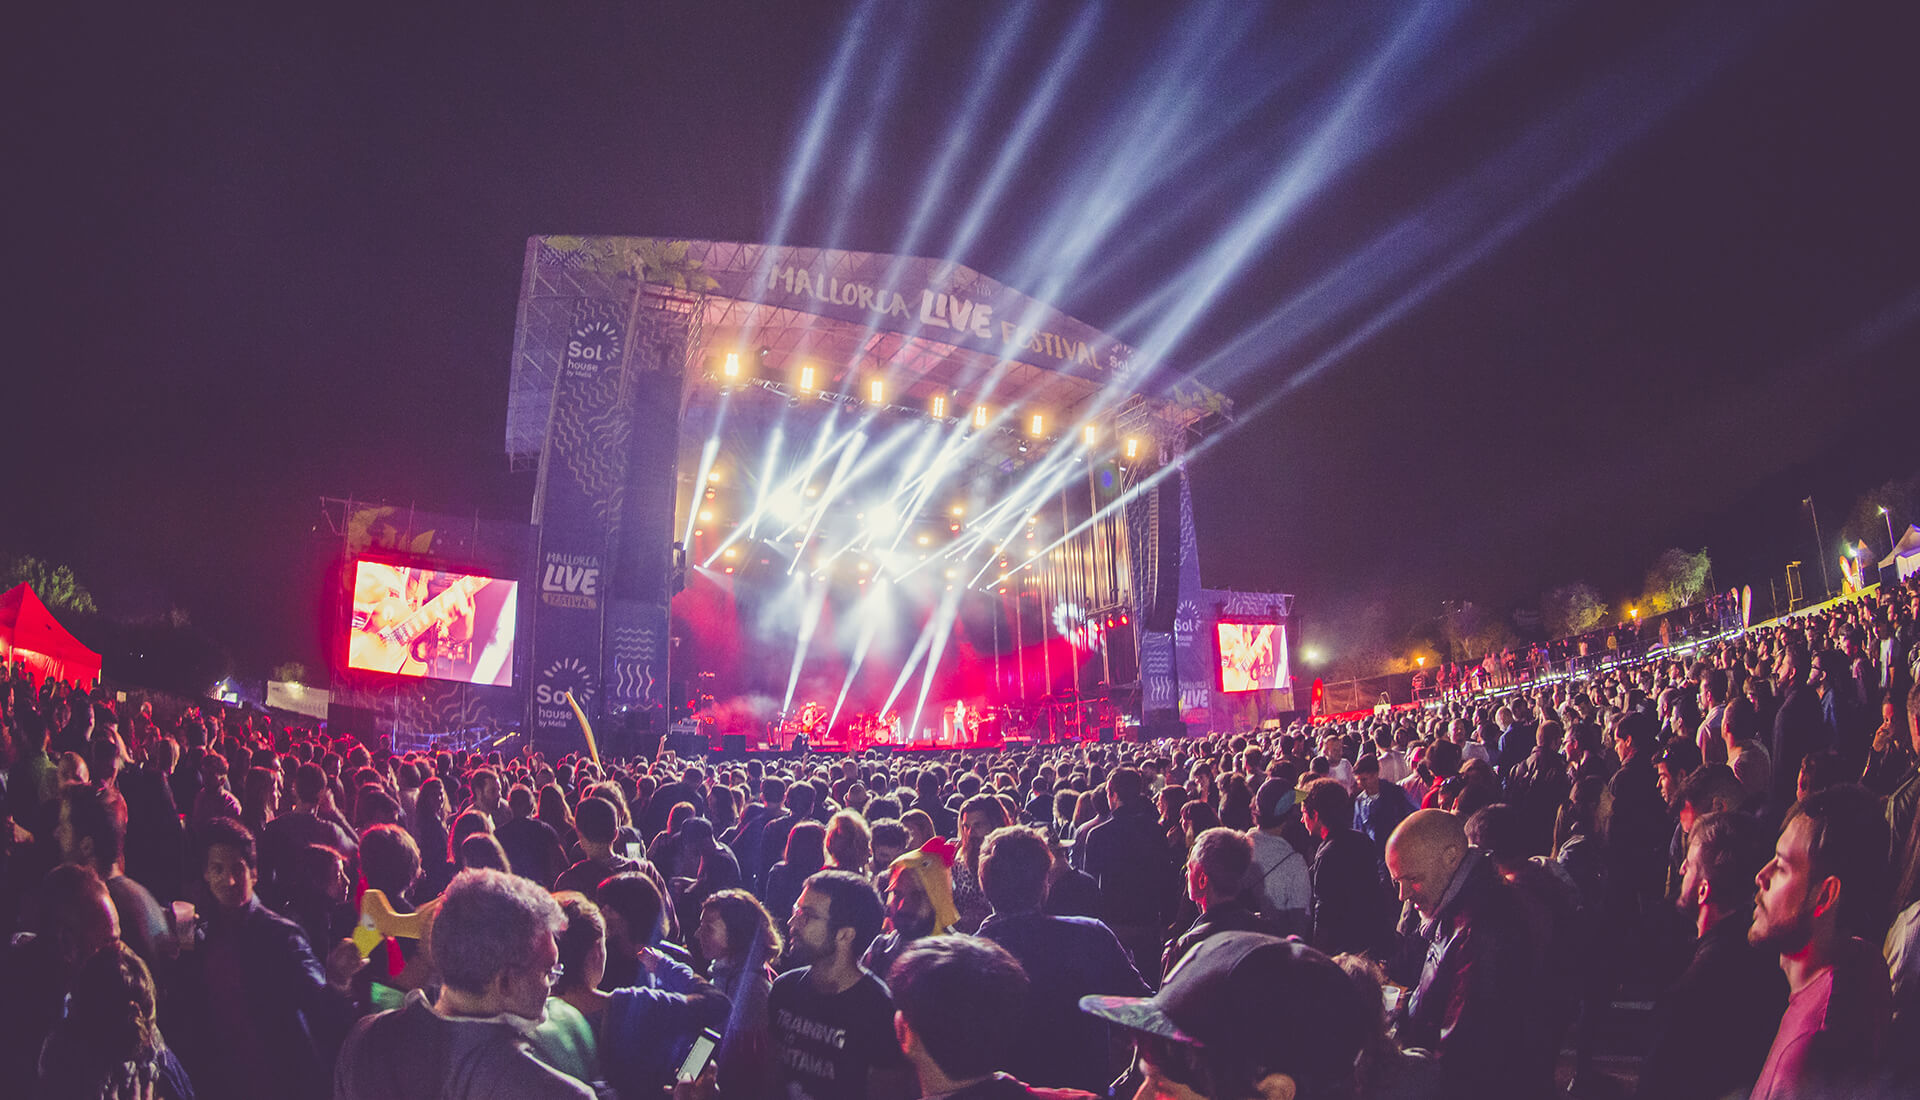 Vive tus vacaciones en Calvià Mallorca. Mallorca Live Festival. evento musical internacional en Magaluf